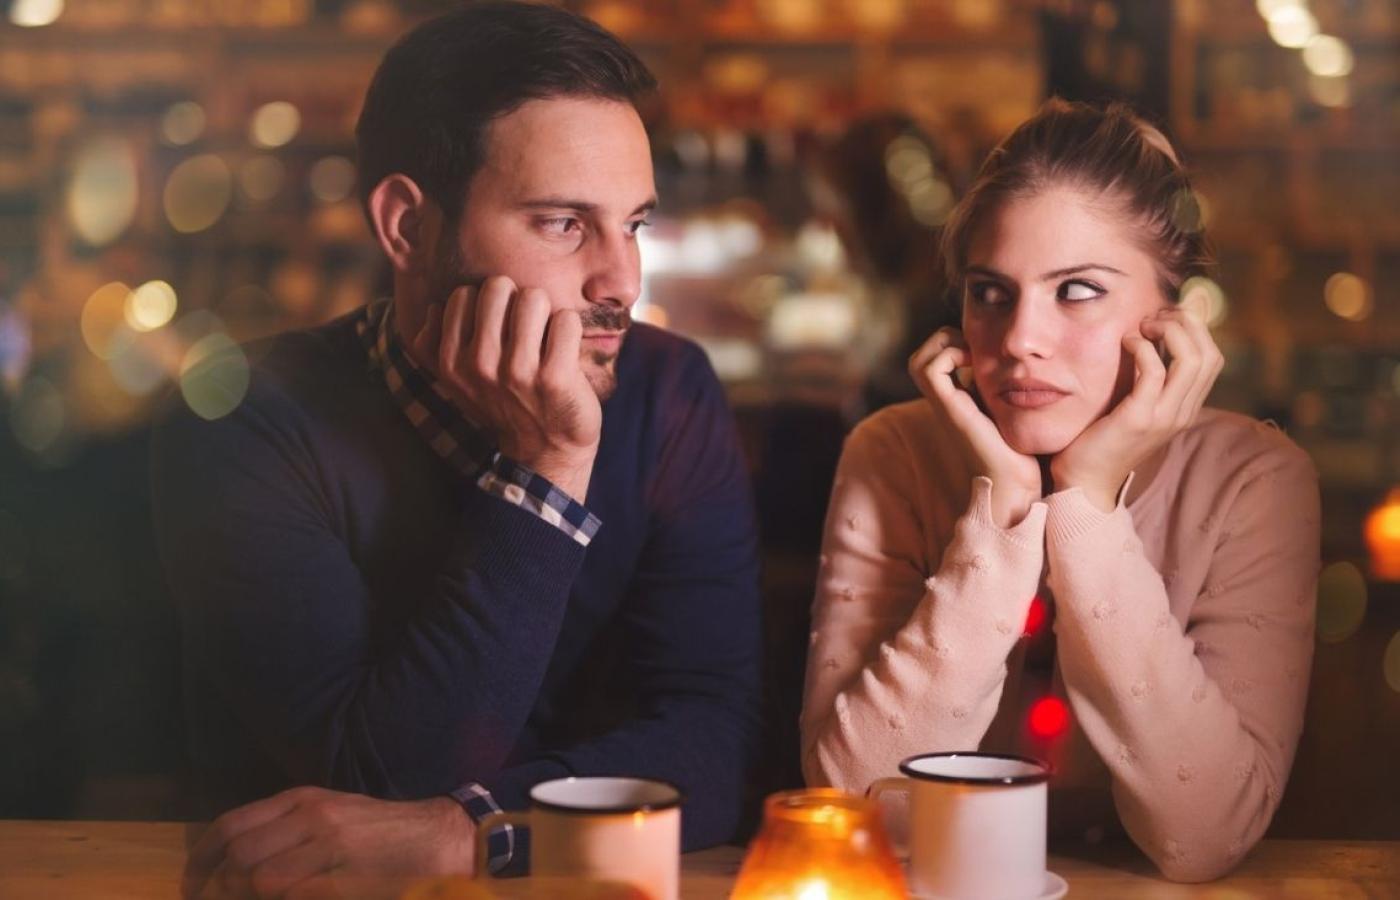 Gdy zainteresowany facet jakie jest sygnały kobietą wysyła Podobasz się